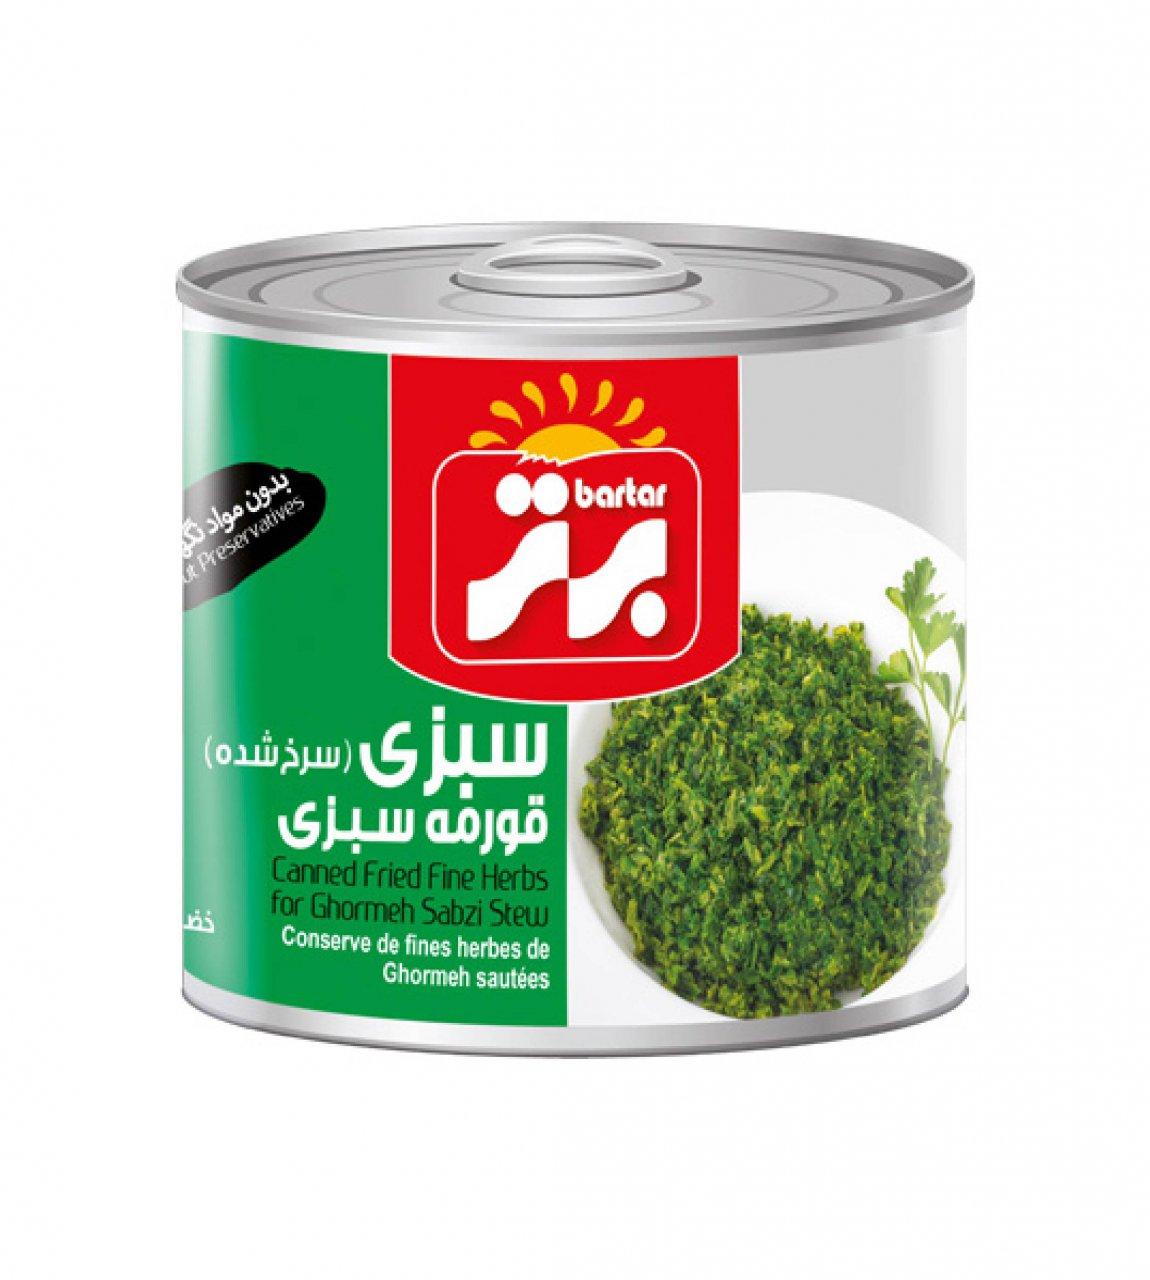 کنسرو سبزی قورمه سرخ شده 500 گرم برتر